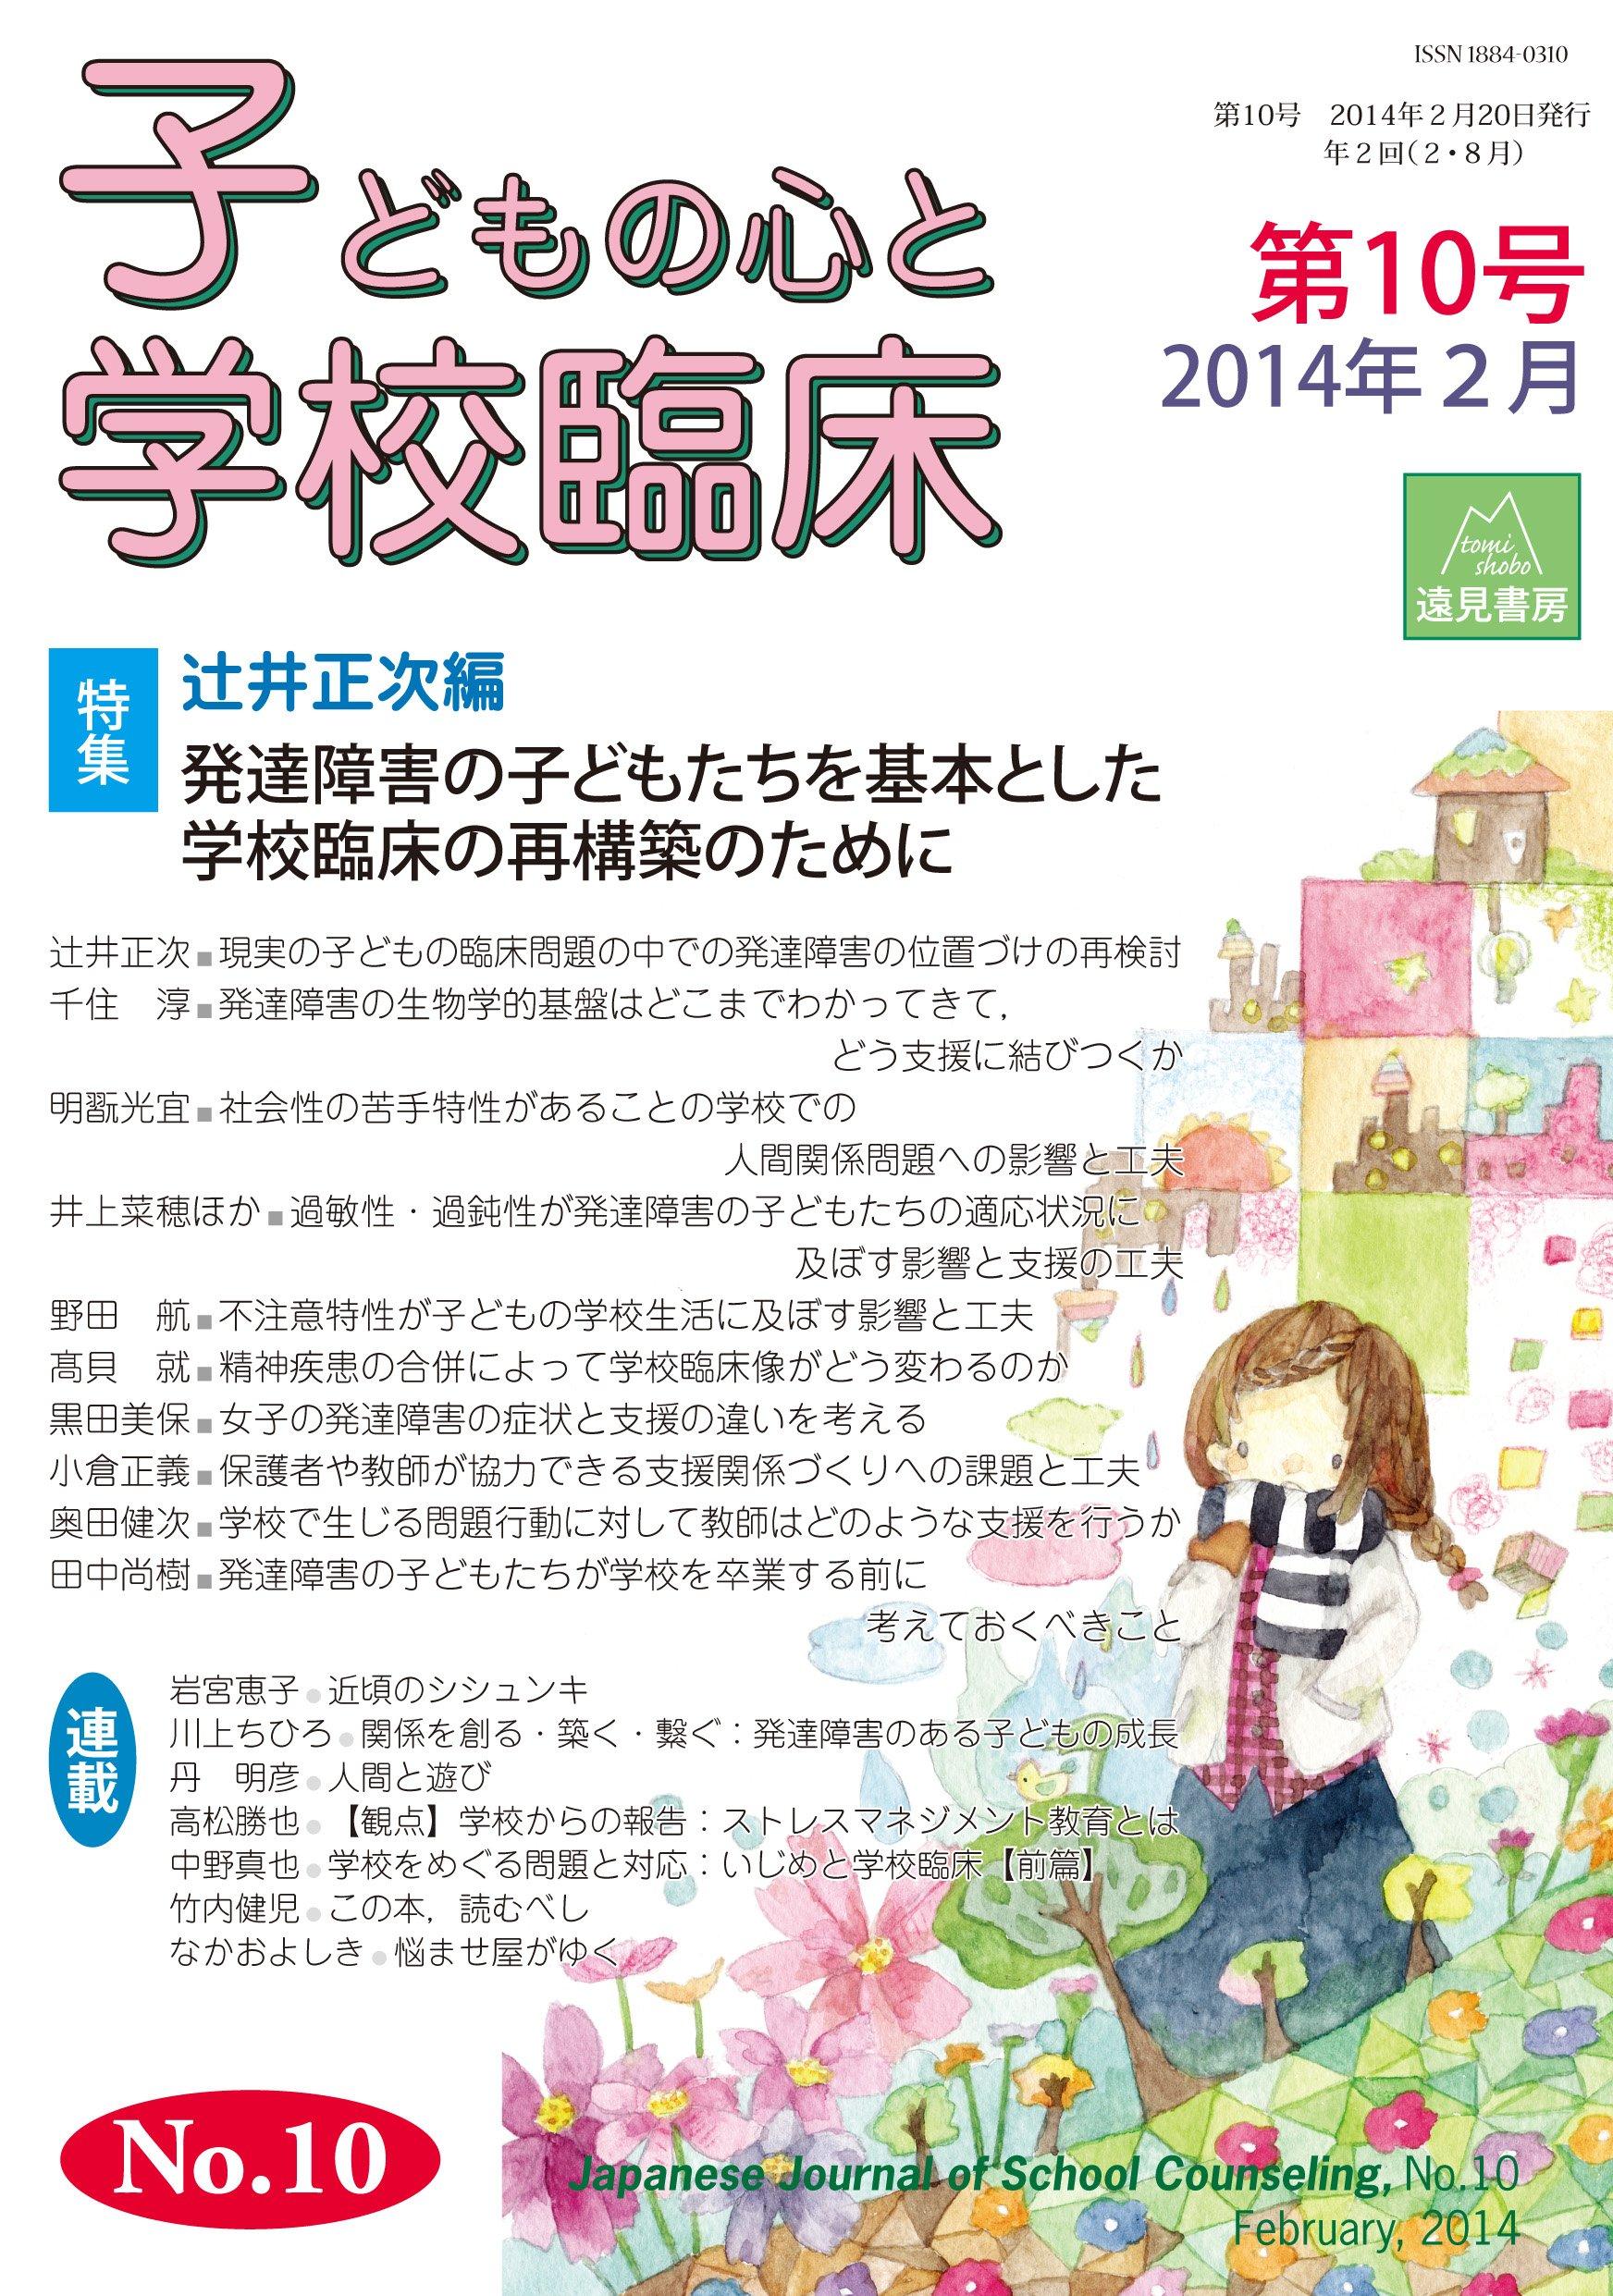 Download Tokushū hattatsu shōgai no kodomotachi o kihon to shita gakkō rinshō no saikōchiku no tame ni ebook